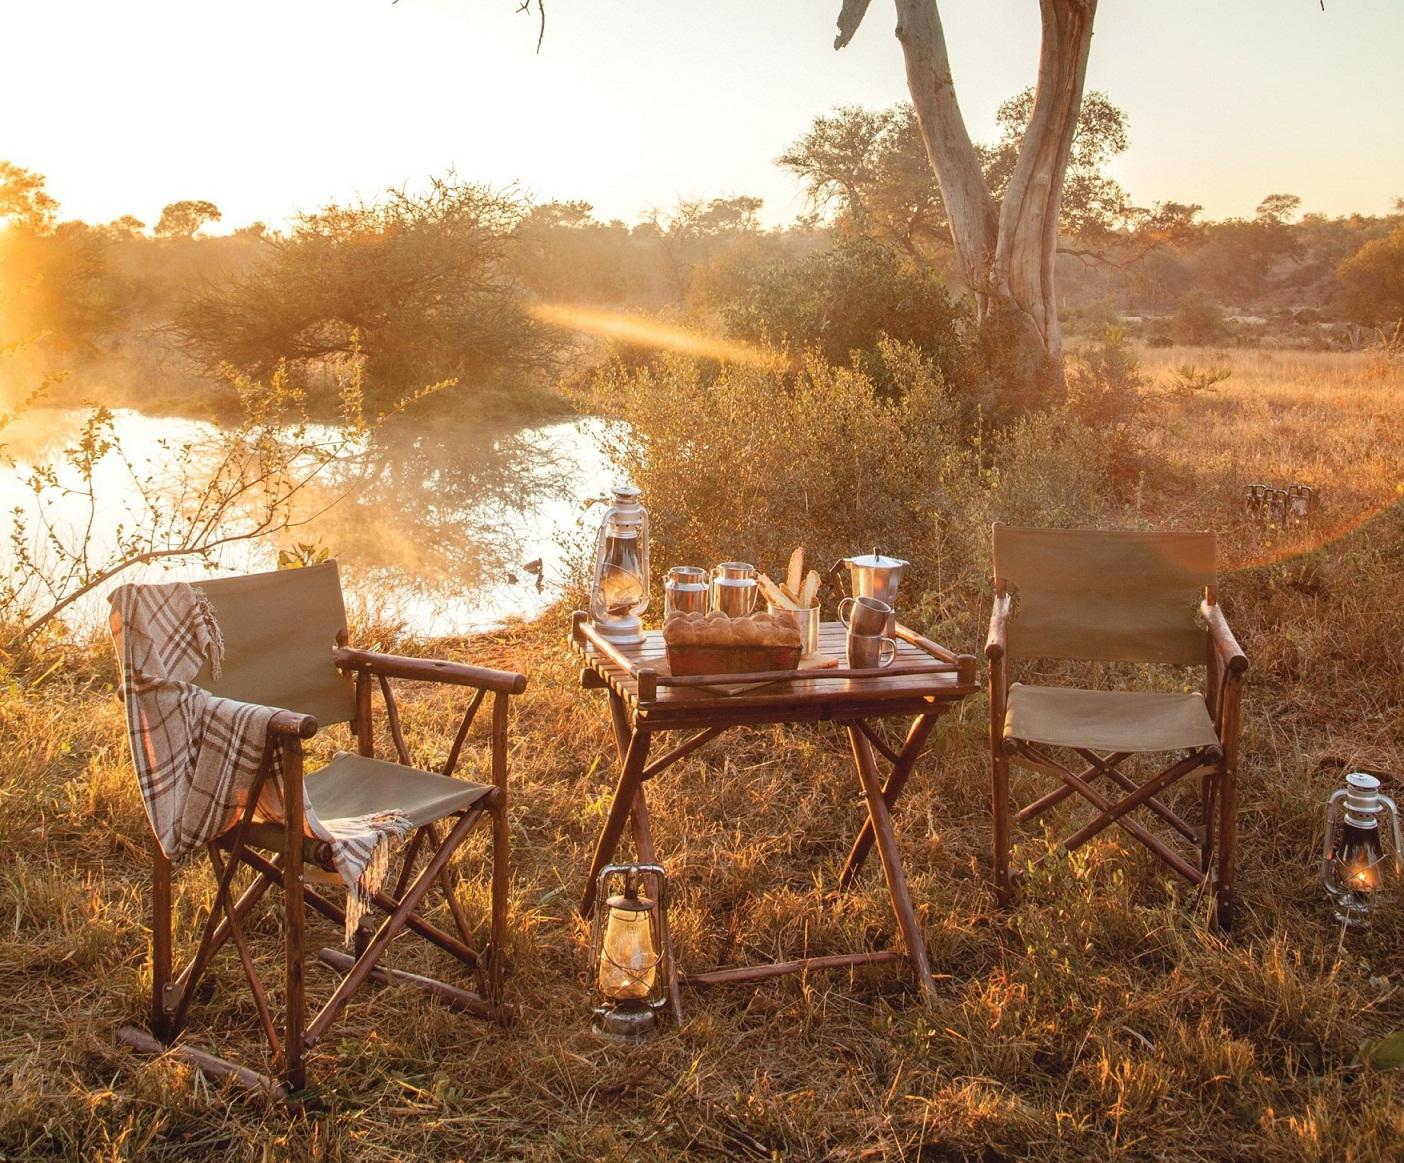 Ein Frühstück im Freien ist ein Highlight einer Safari in Afrika